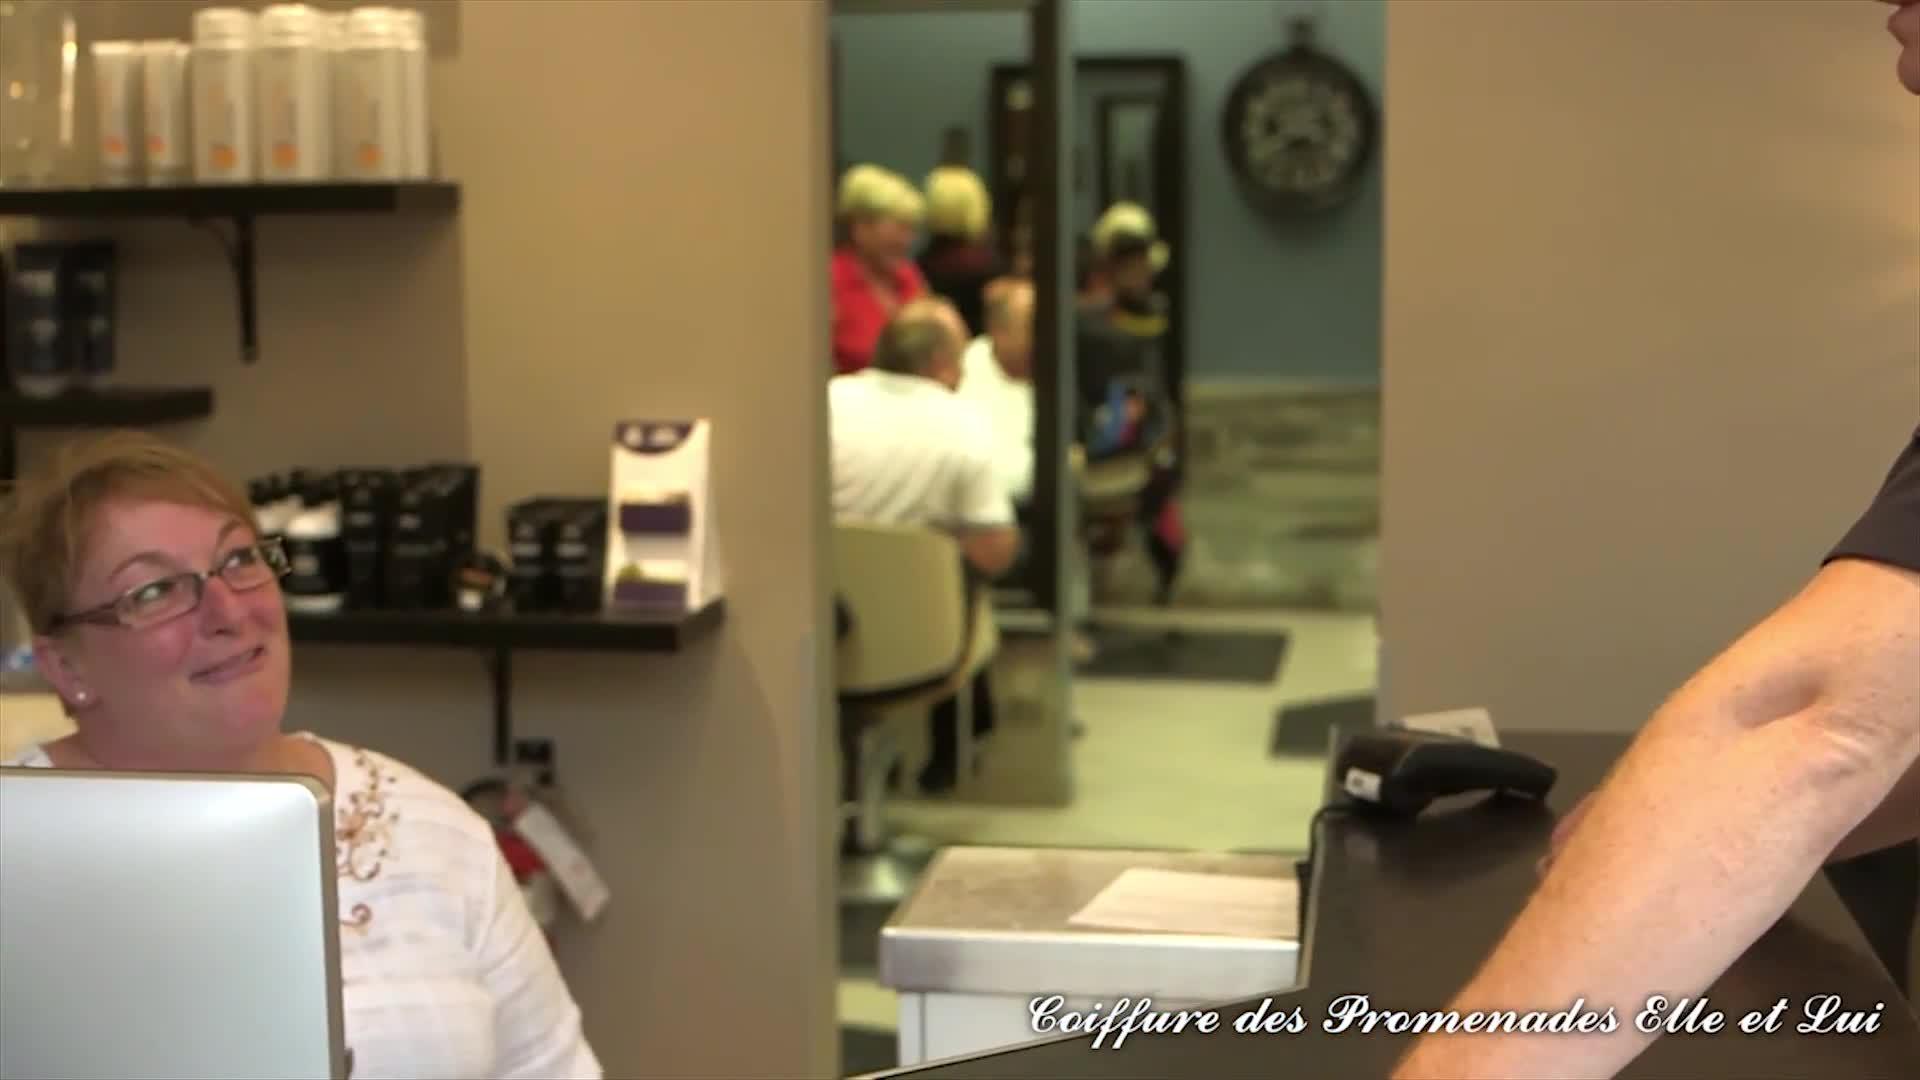 Coiffure des Promenades Elle et Lui - Salons de coiffure et de beauté - 819-561-2727